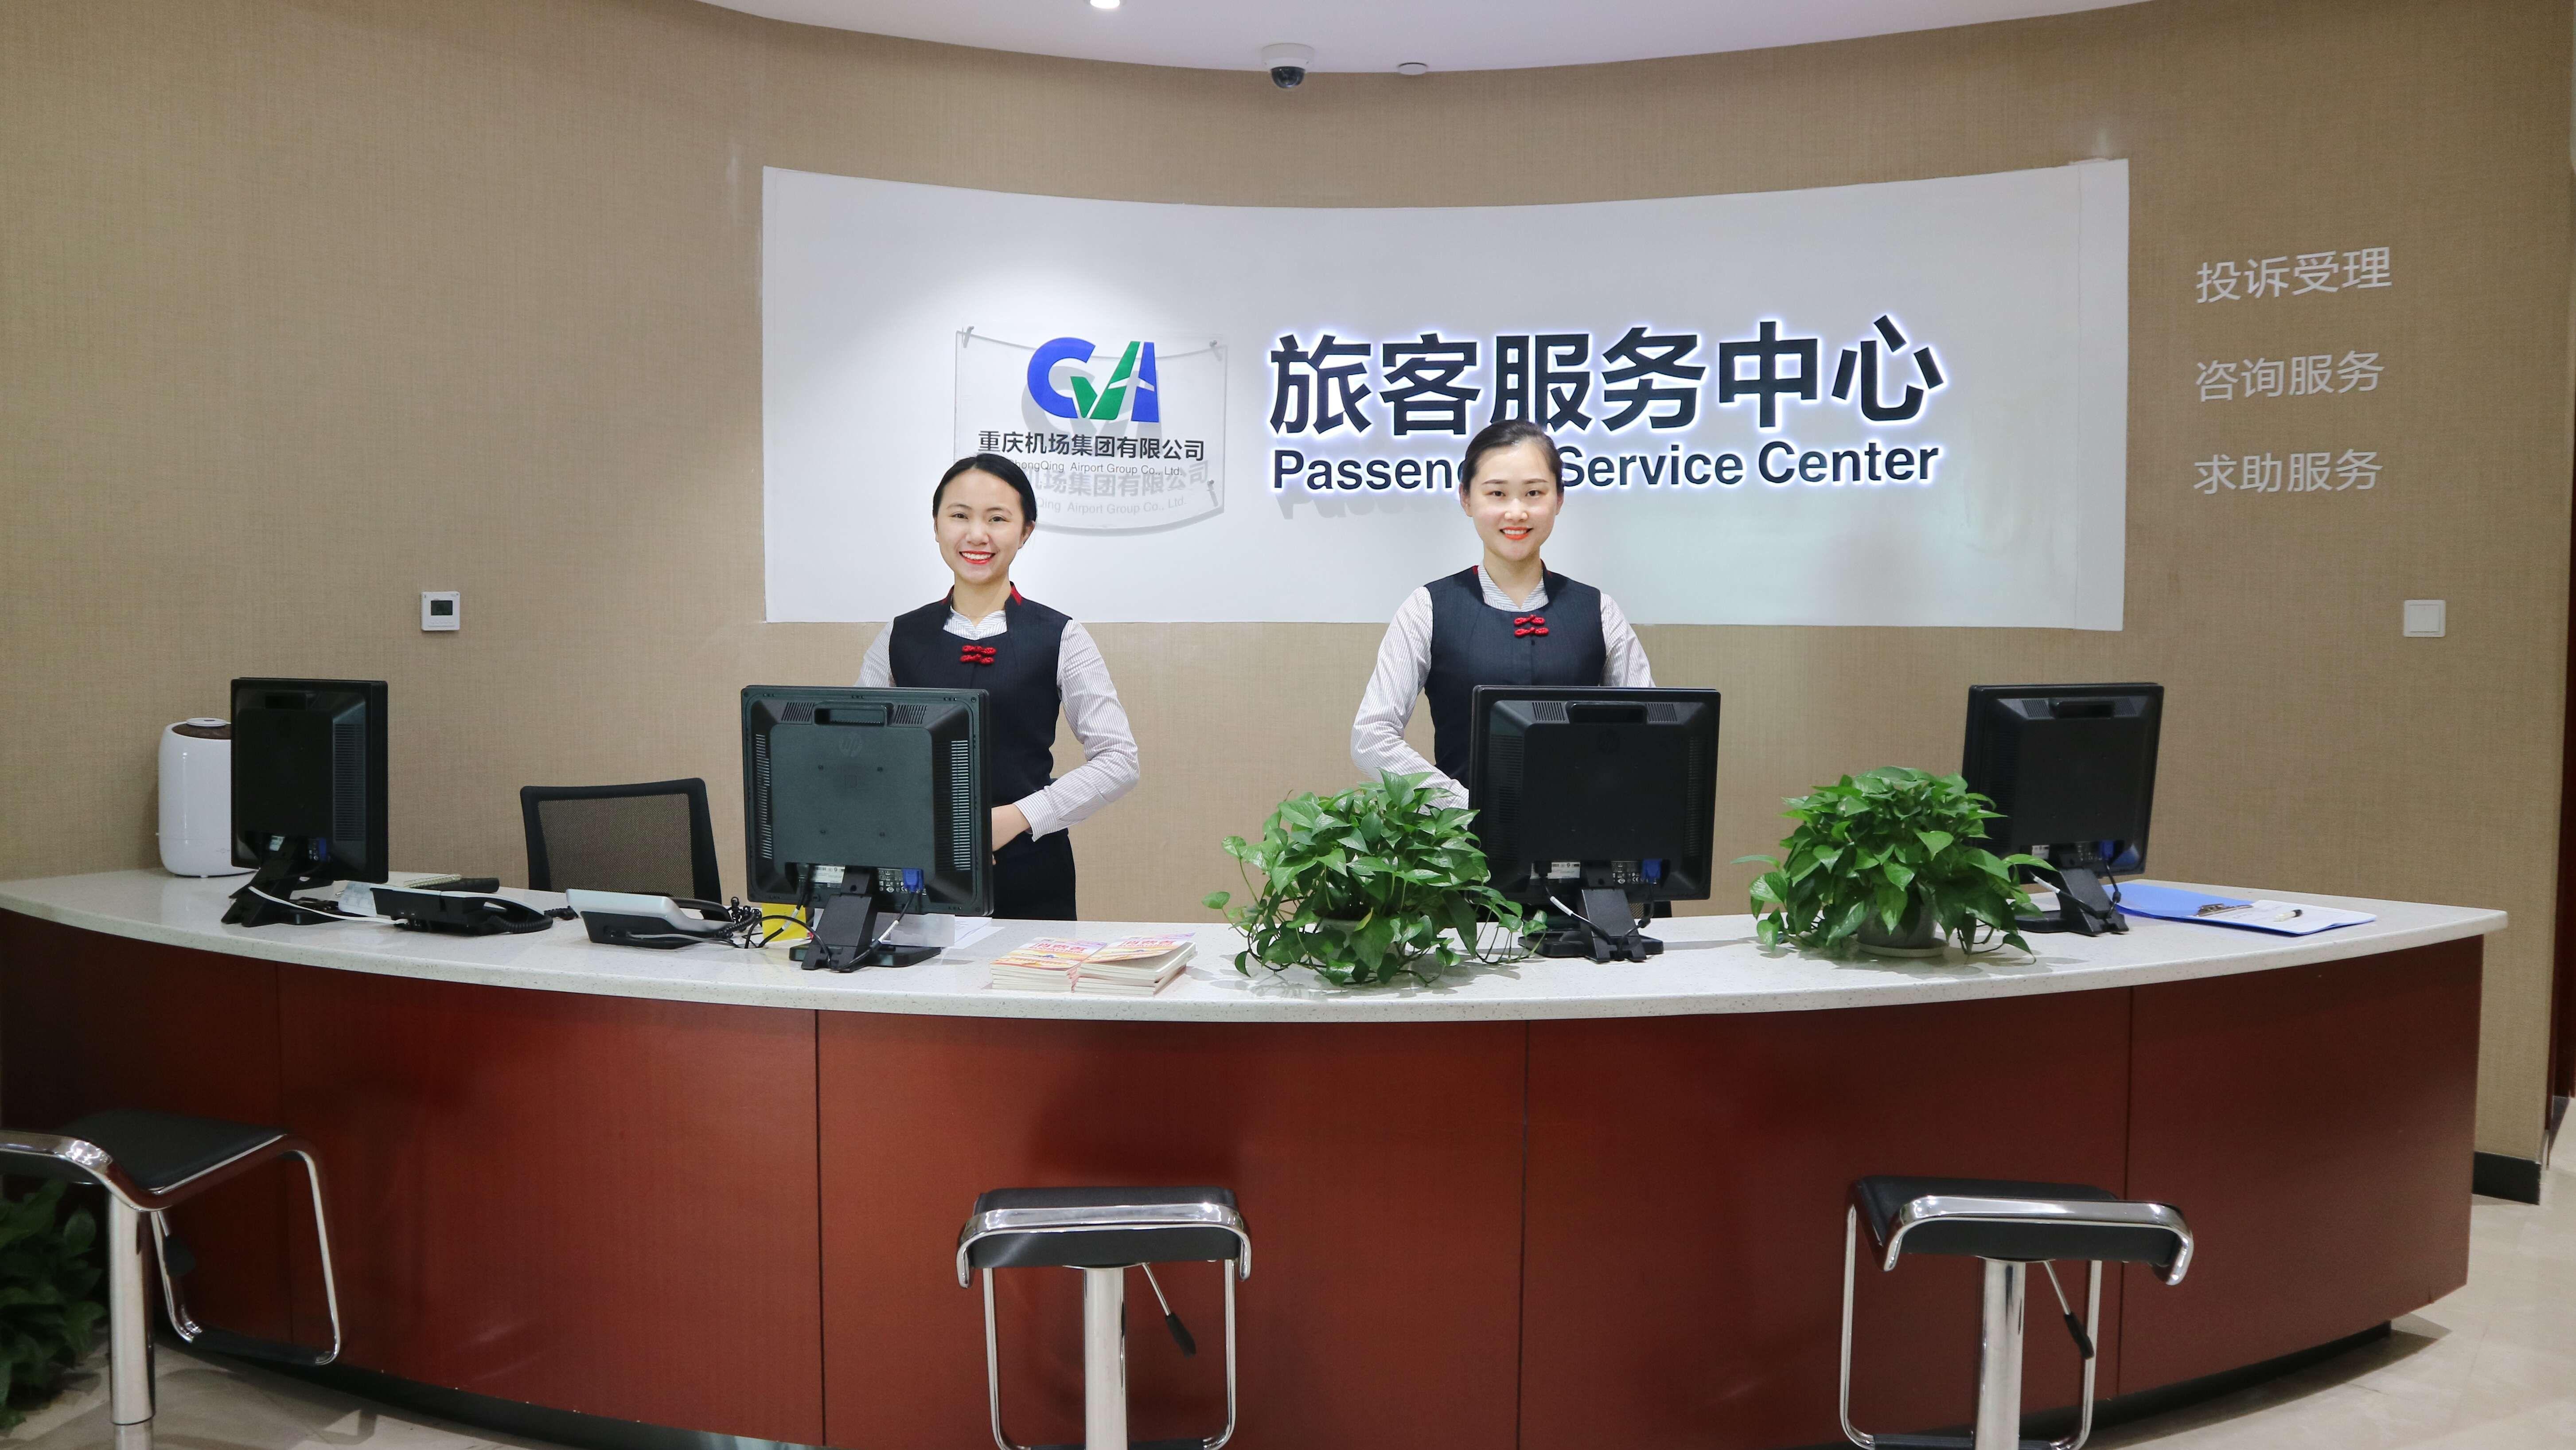 """重庆机场""""真情服务+""""异地共享服务"""